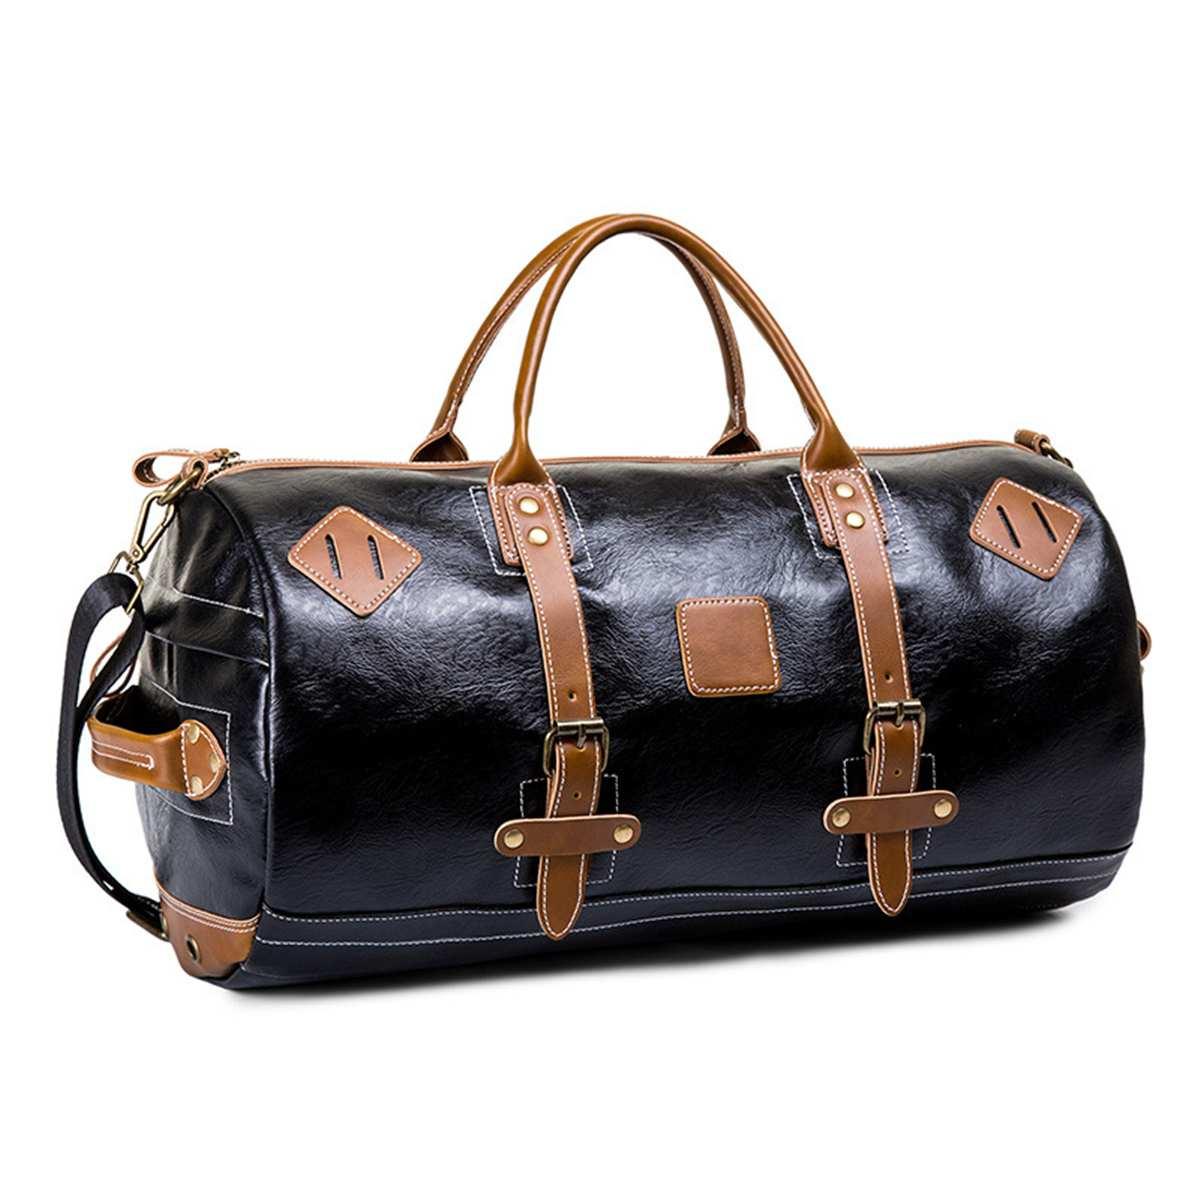 Men Large Capacity Crossbody Travel Bags Practical Weekend Luggage Duffel Bag Vintage Women PU Leather Shoulder Handbag Tote